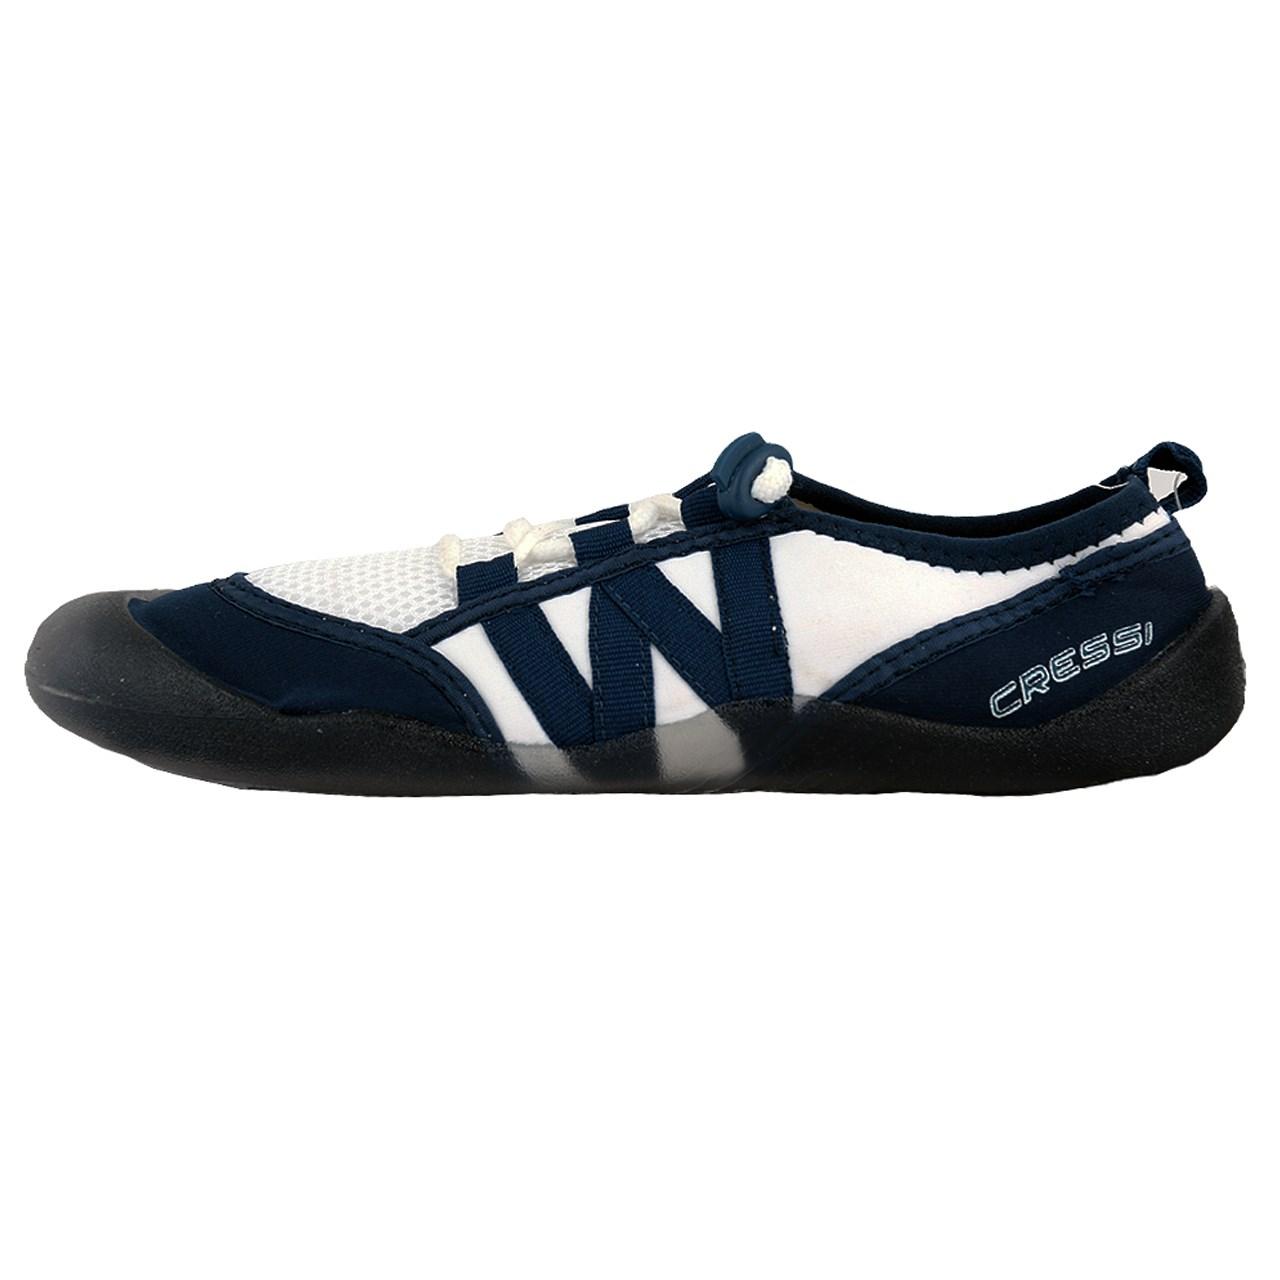 خرید کفش زنانه ساحلی کرسی مدل البا